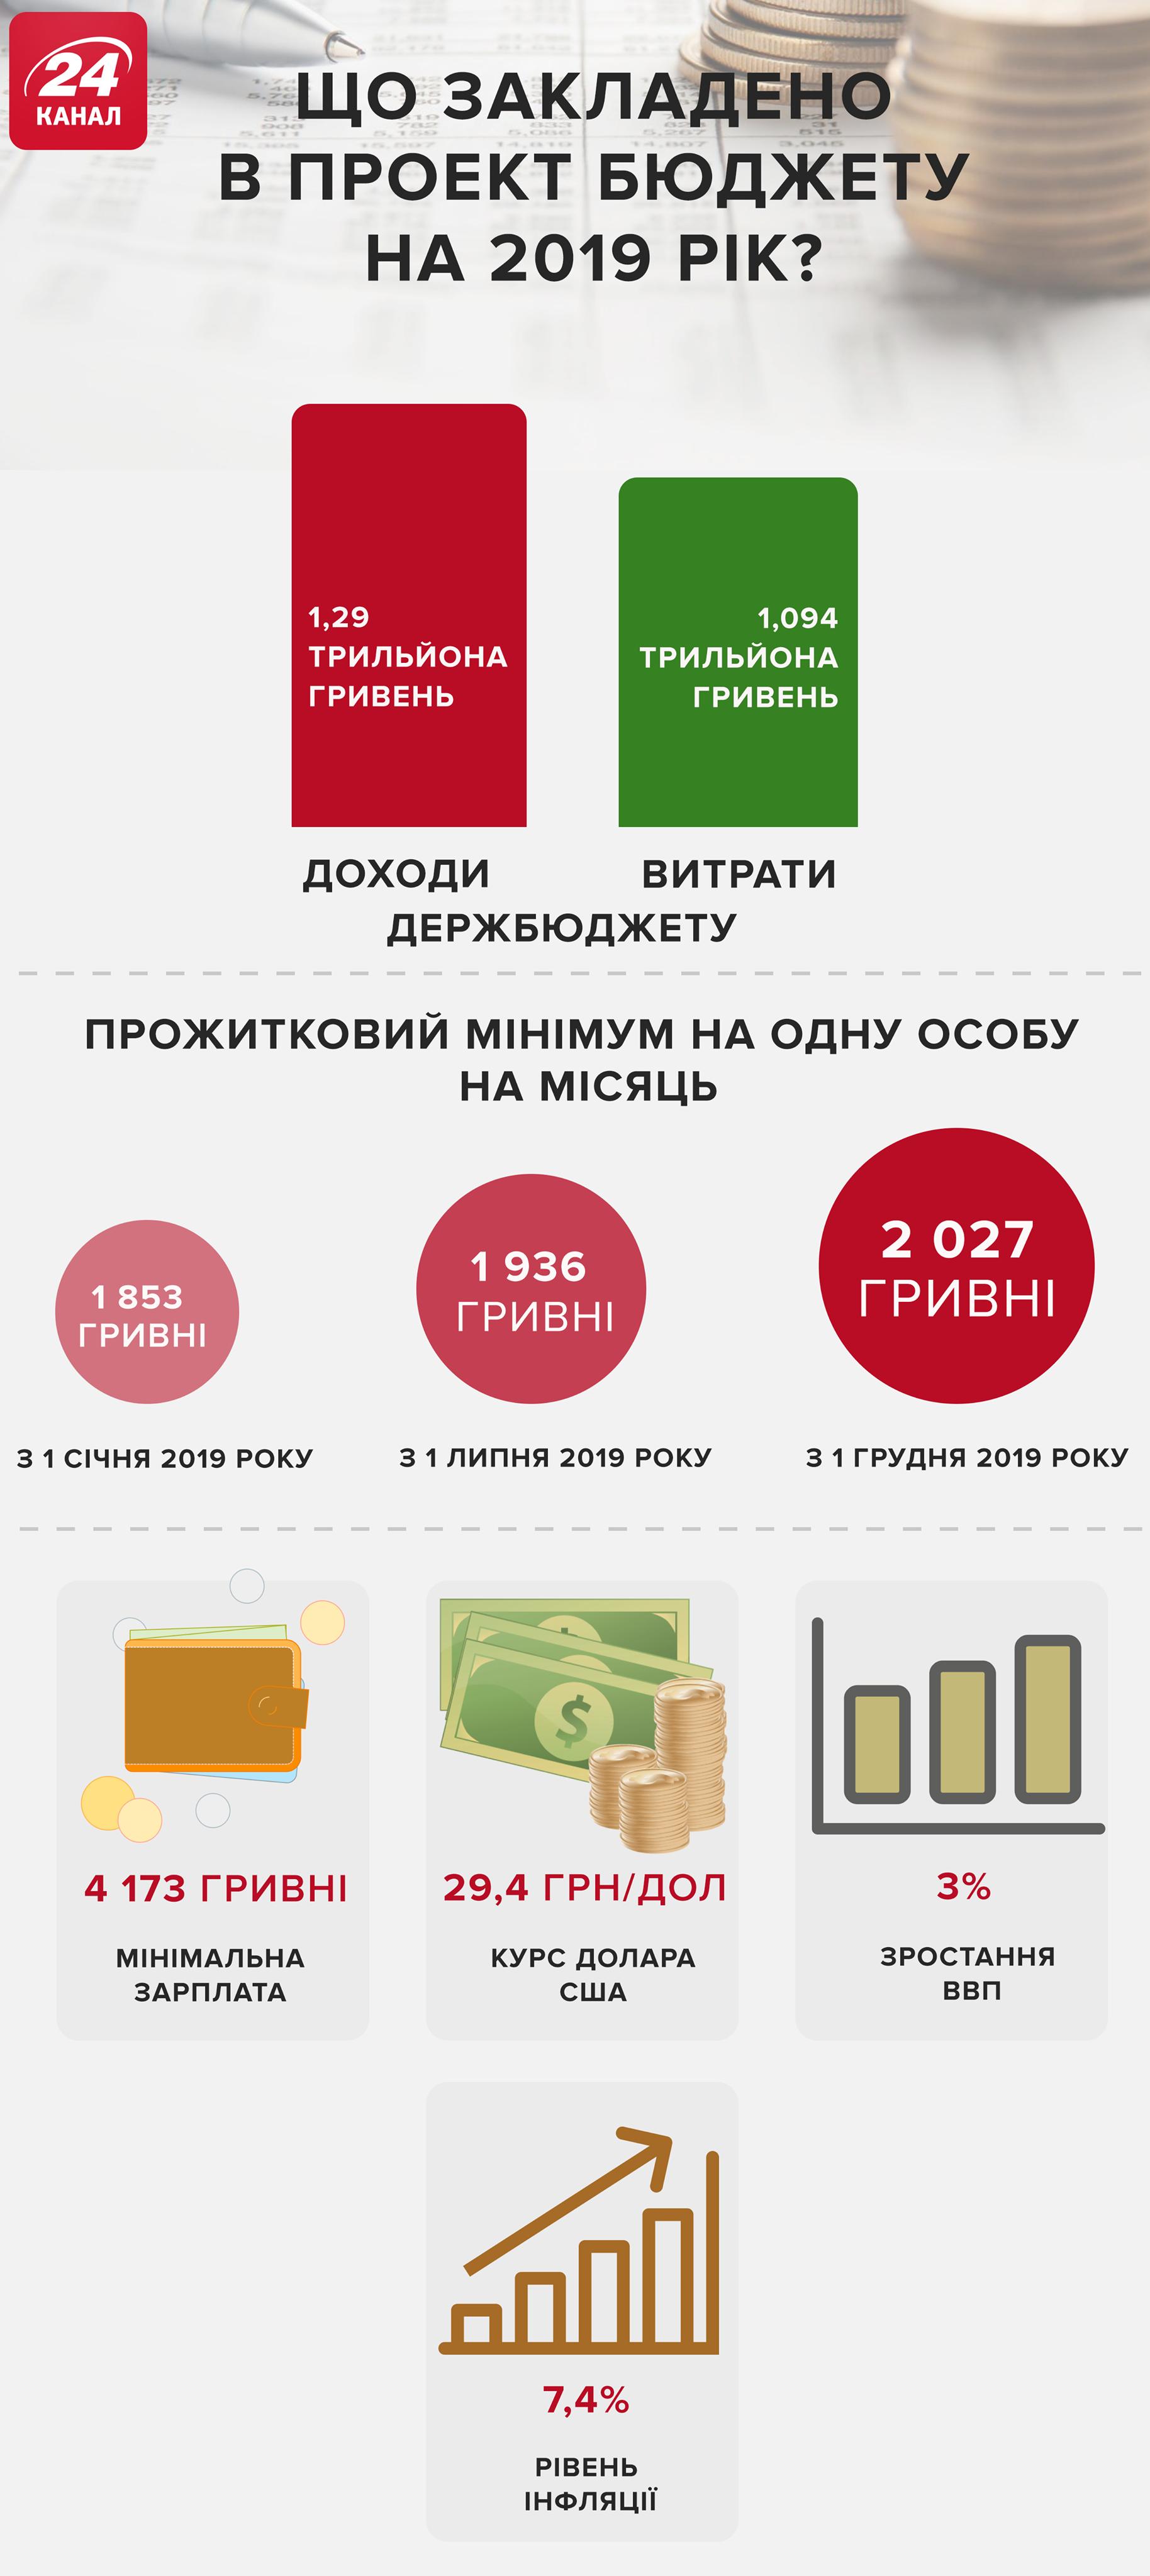 Бюджет-2019 Україна цифри